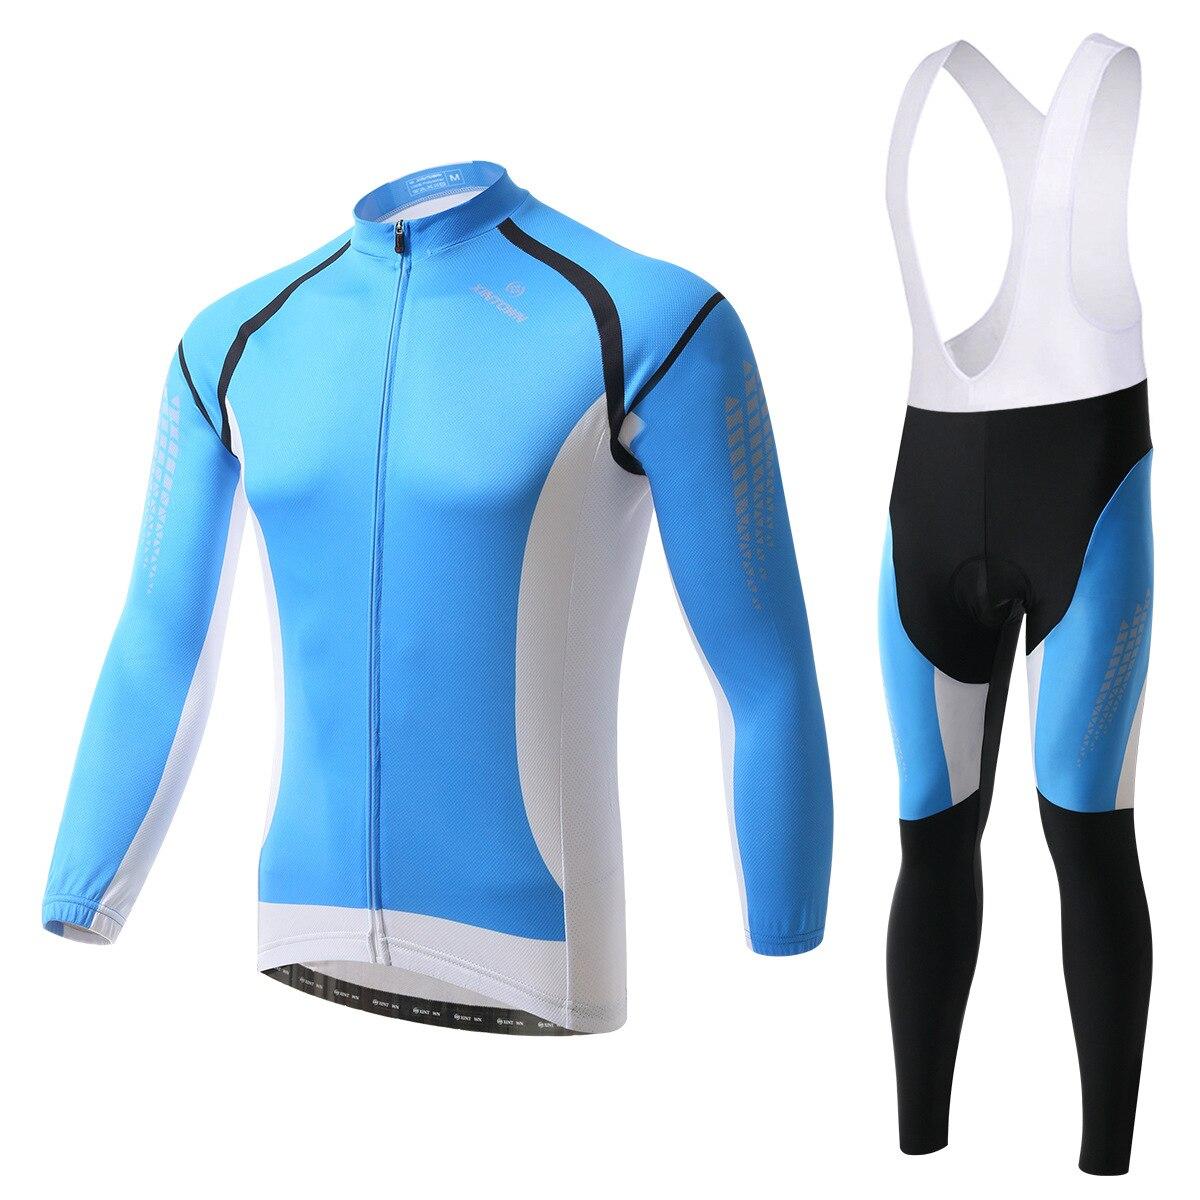 XINTOWN Kuanglan bike riding jersey gear strap long-sleeved suit wear bicycle suits fleece wind warm functional underwear